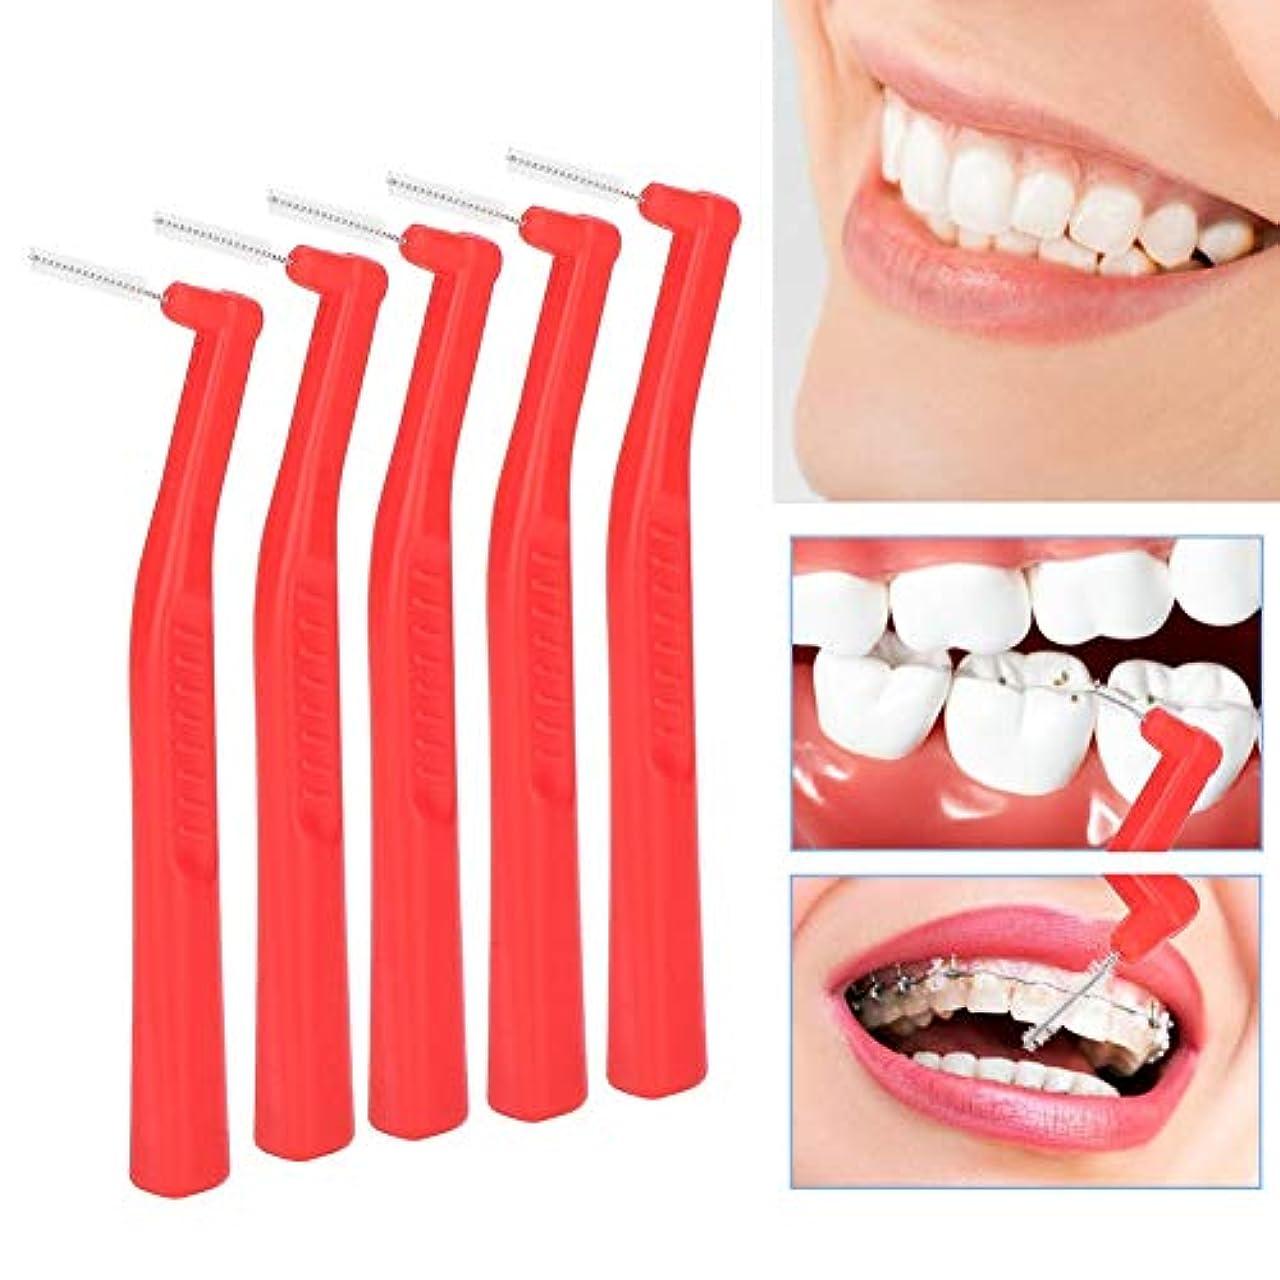 辞書ペパーミントコメント歯間ブラシ、5本の深く柔らかい髪の歯の汚れ除去ブラシ